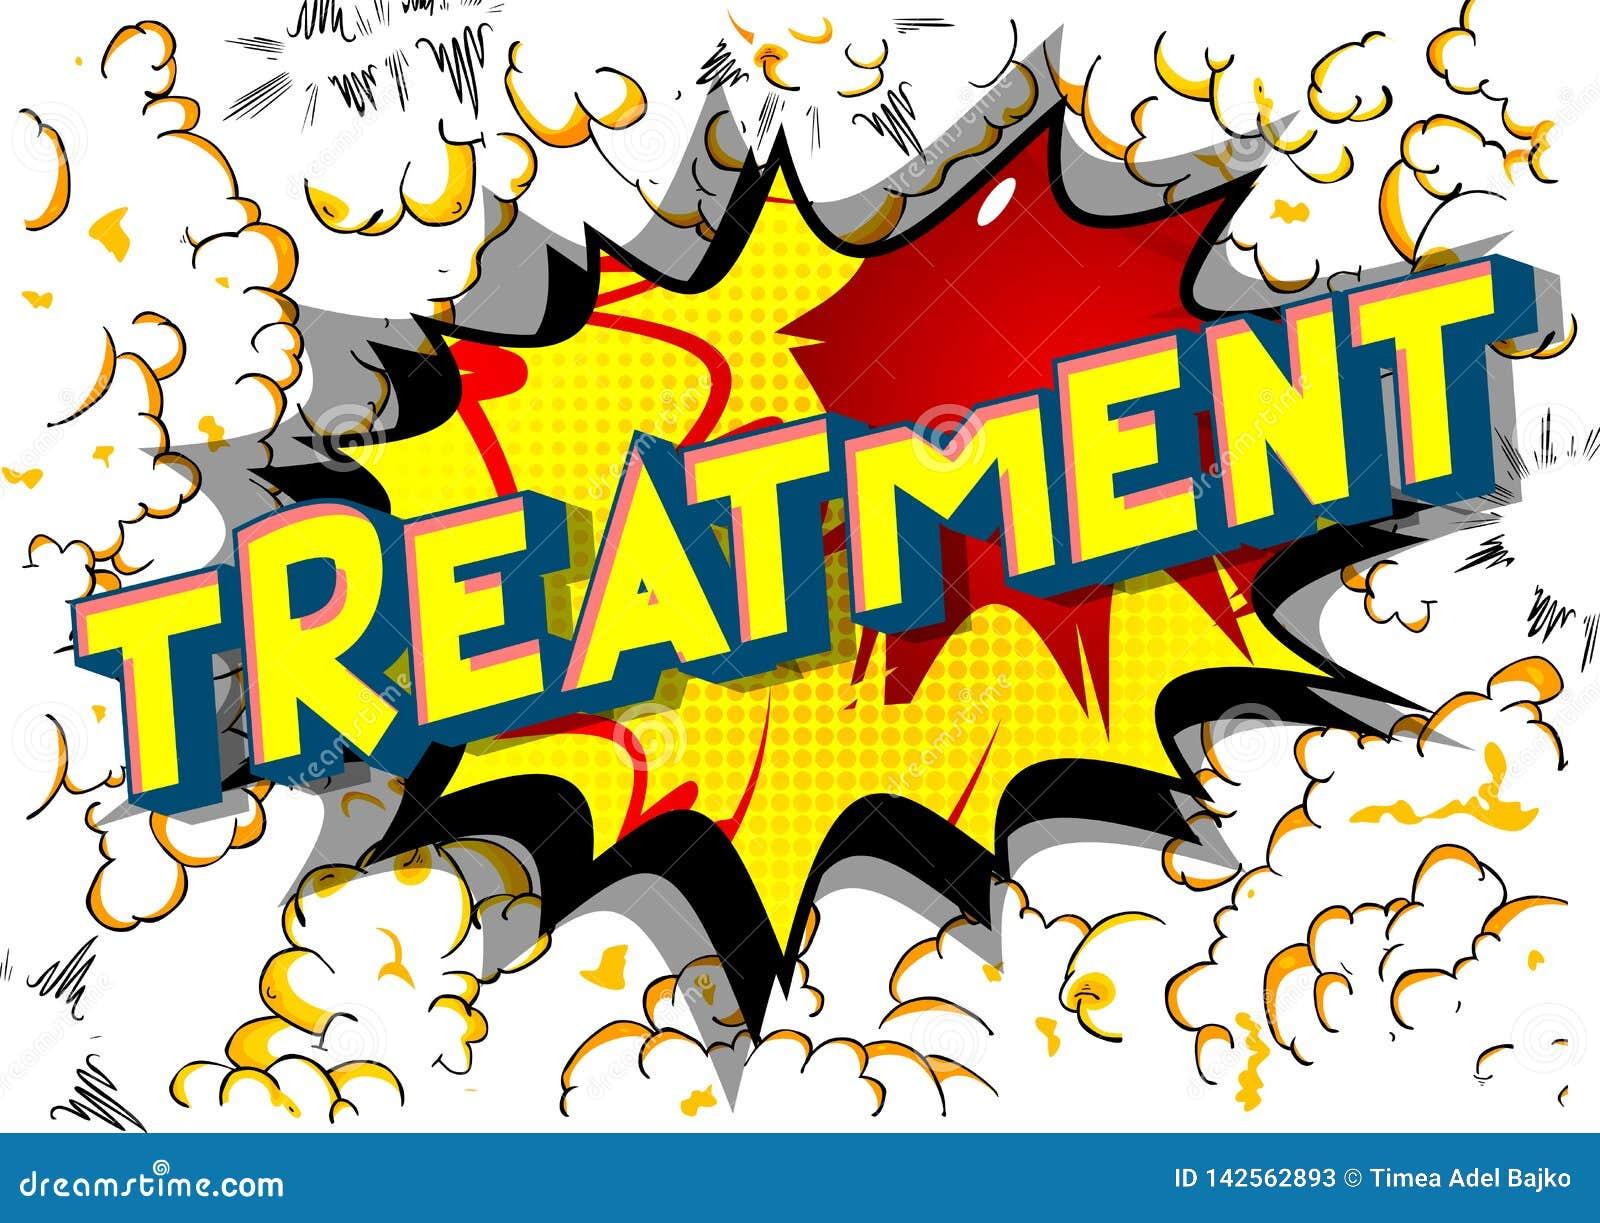 Behandlung - Comic-Buch-Artwörter